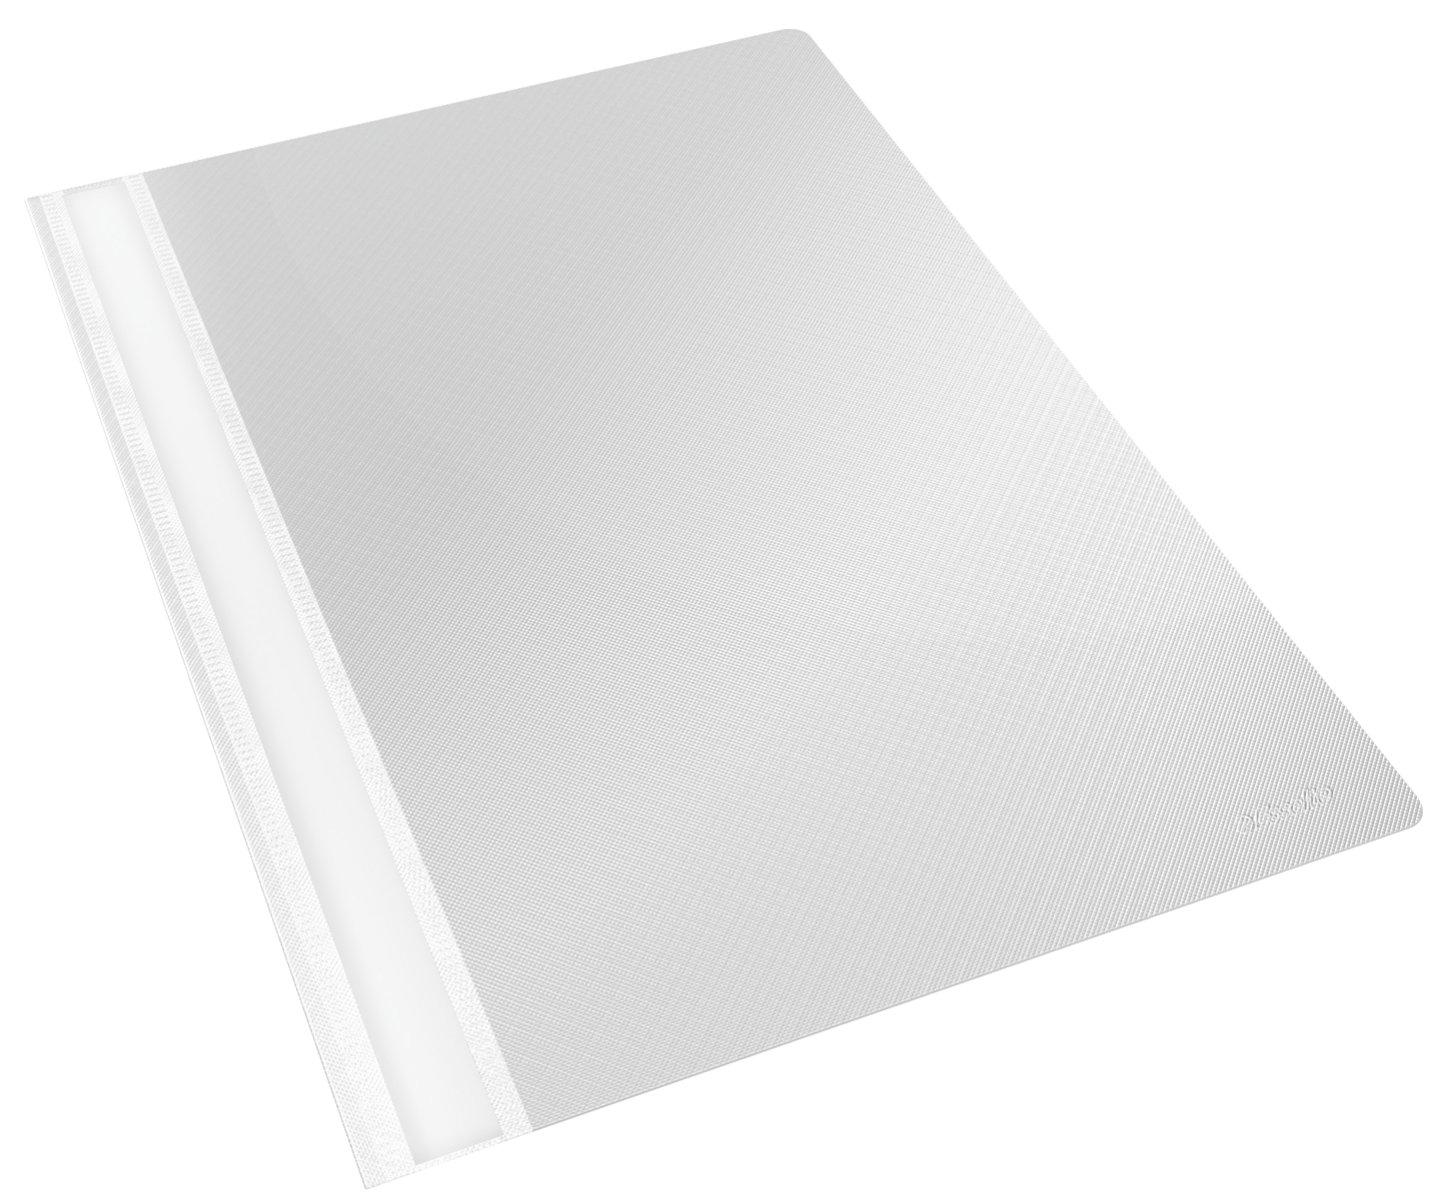 Esselte - Portadocumenti in polipropilene con fermacarte, formato A4 piatto, confezione da 25, colore: Nero 15388